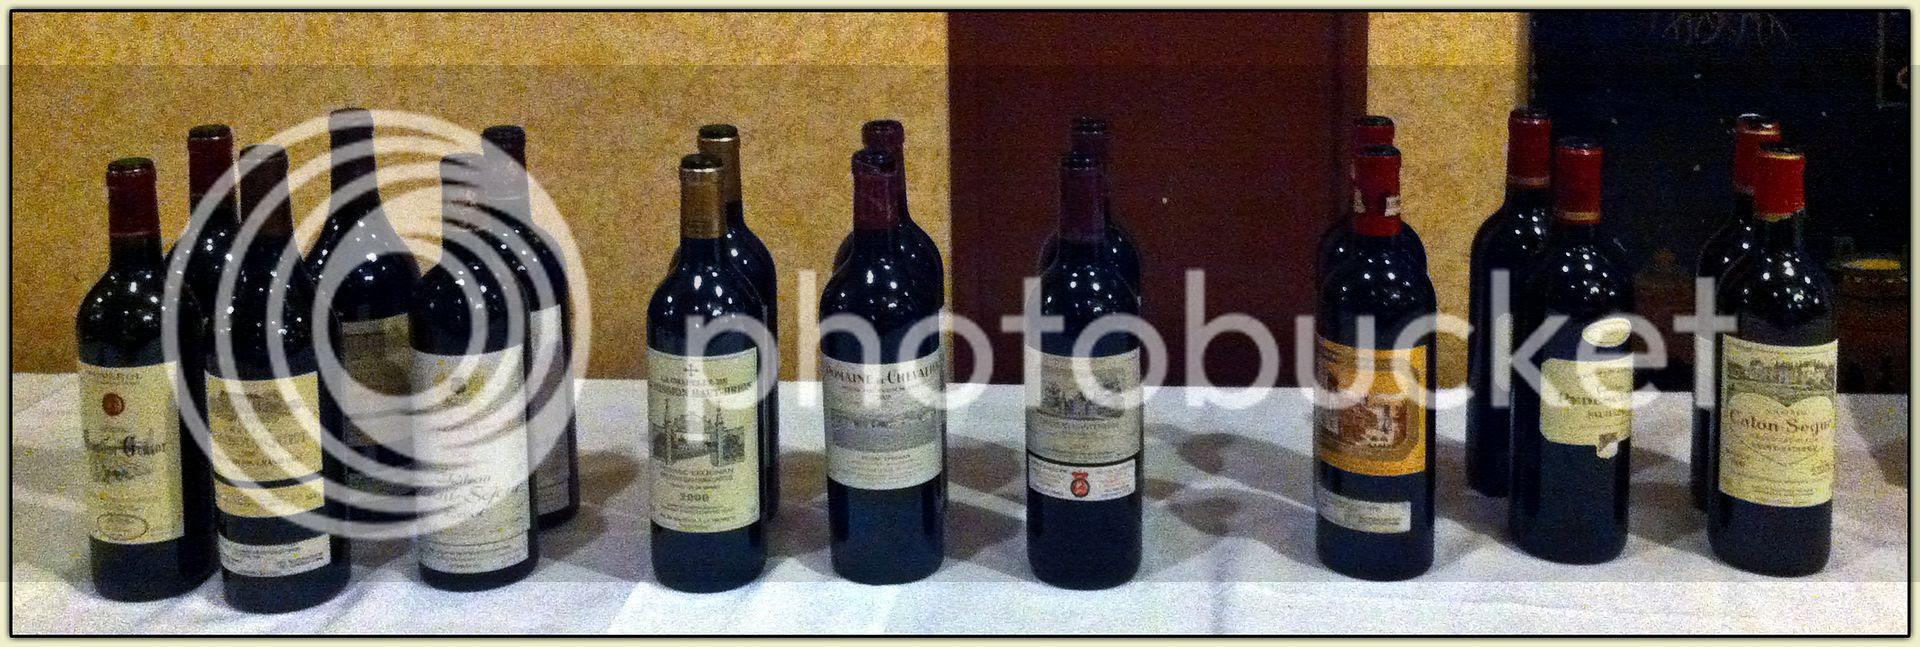 Bordeaux of 2000